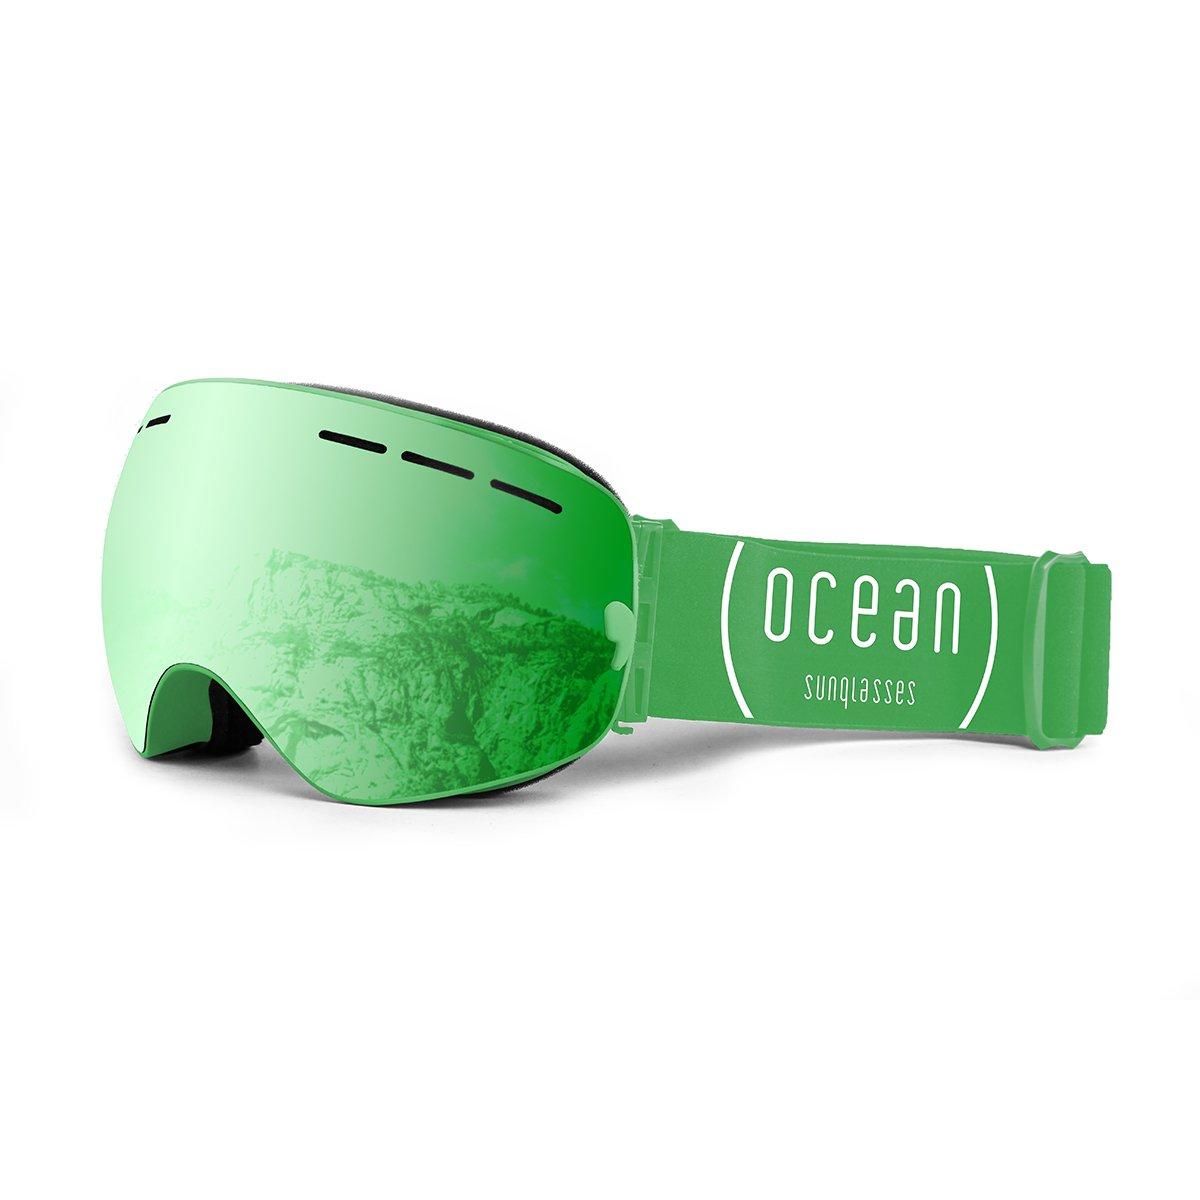 Ocean Sunglasses Cervino - Masque - Monture : Vert - Verres : Revo Vert (YH-3105.1) ueVebWFtL6